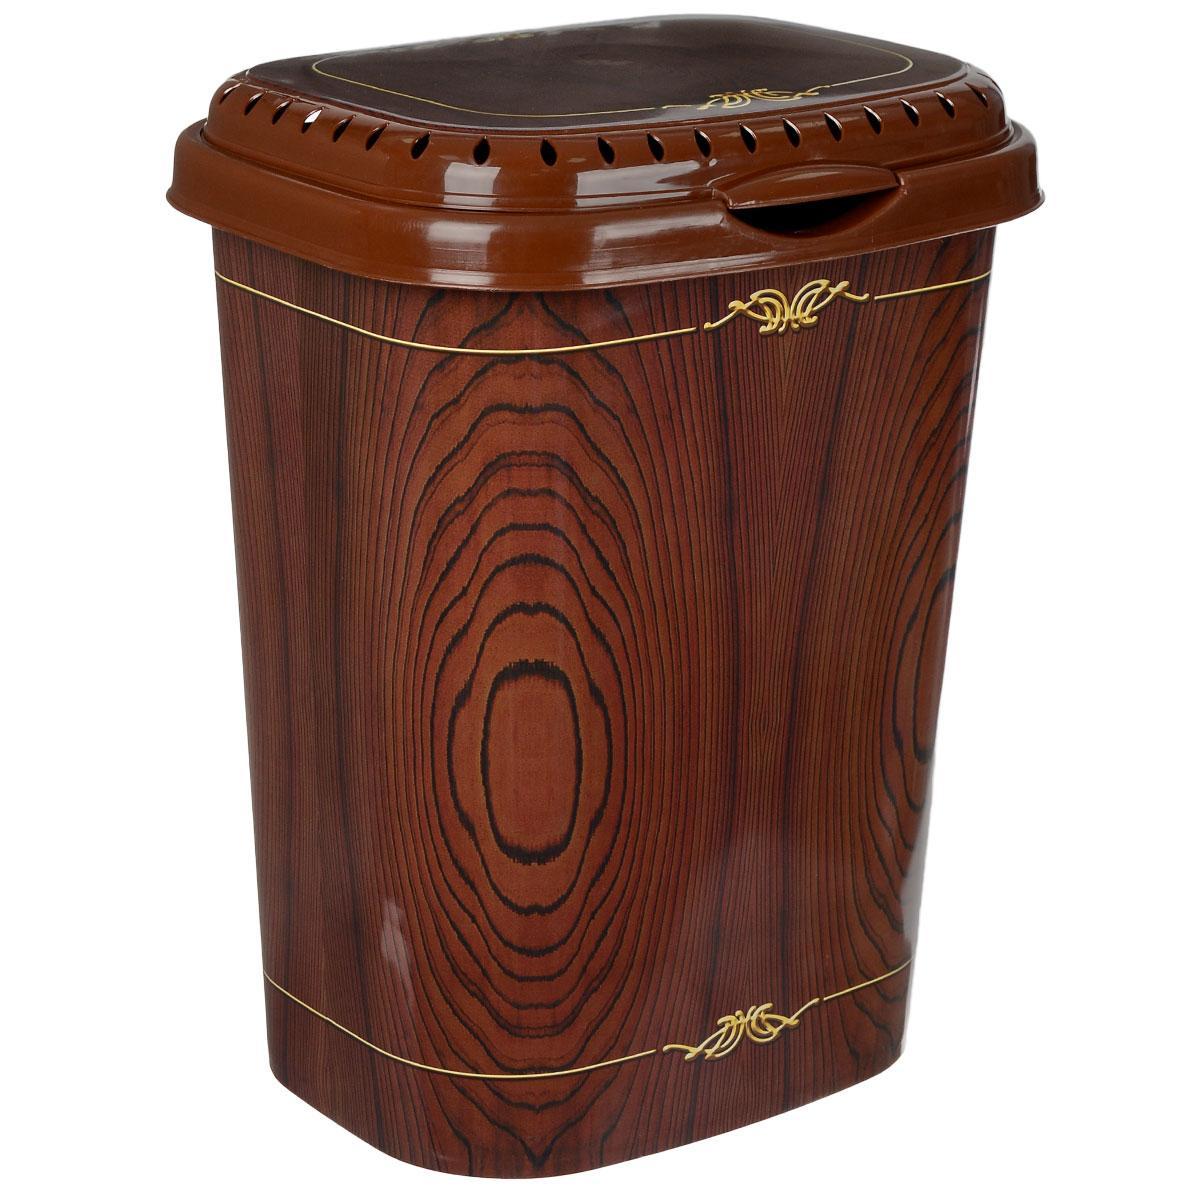 Корзина для белья Violet Дерево с крышкой, цвет: коричневый, желтый, 55 л1960/81Легкая и удобная корзина Violet Дерево прямоугольной формы изготовлена из пластика. Она отлично подойдет для хранения белья перед стиркой. Сплошные стенки с небольшими отверстиями на крышке скрывает содержимое корзины от посторонних и создает идеальные условия для проветривания. Изделие оснащено крышкой. Такая корзина для белья прекрасно впишется в интерьер ванной комнаты.